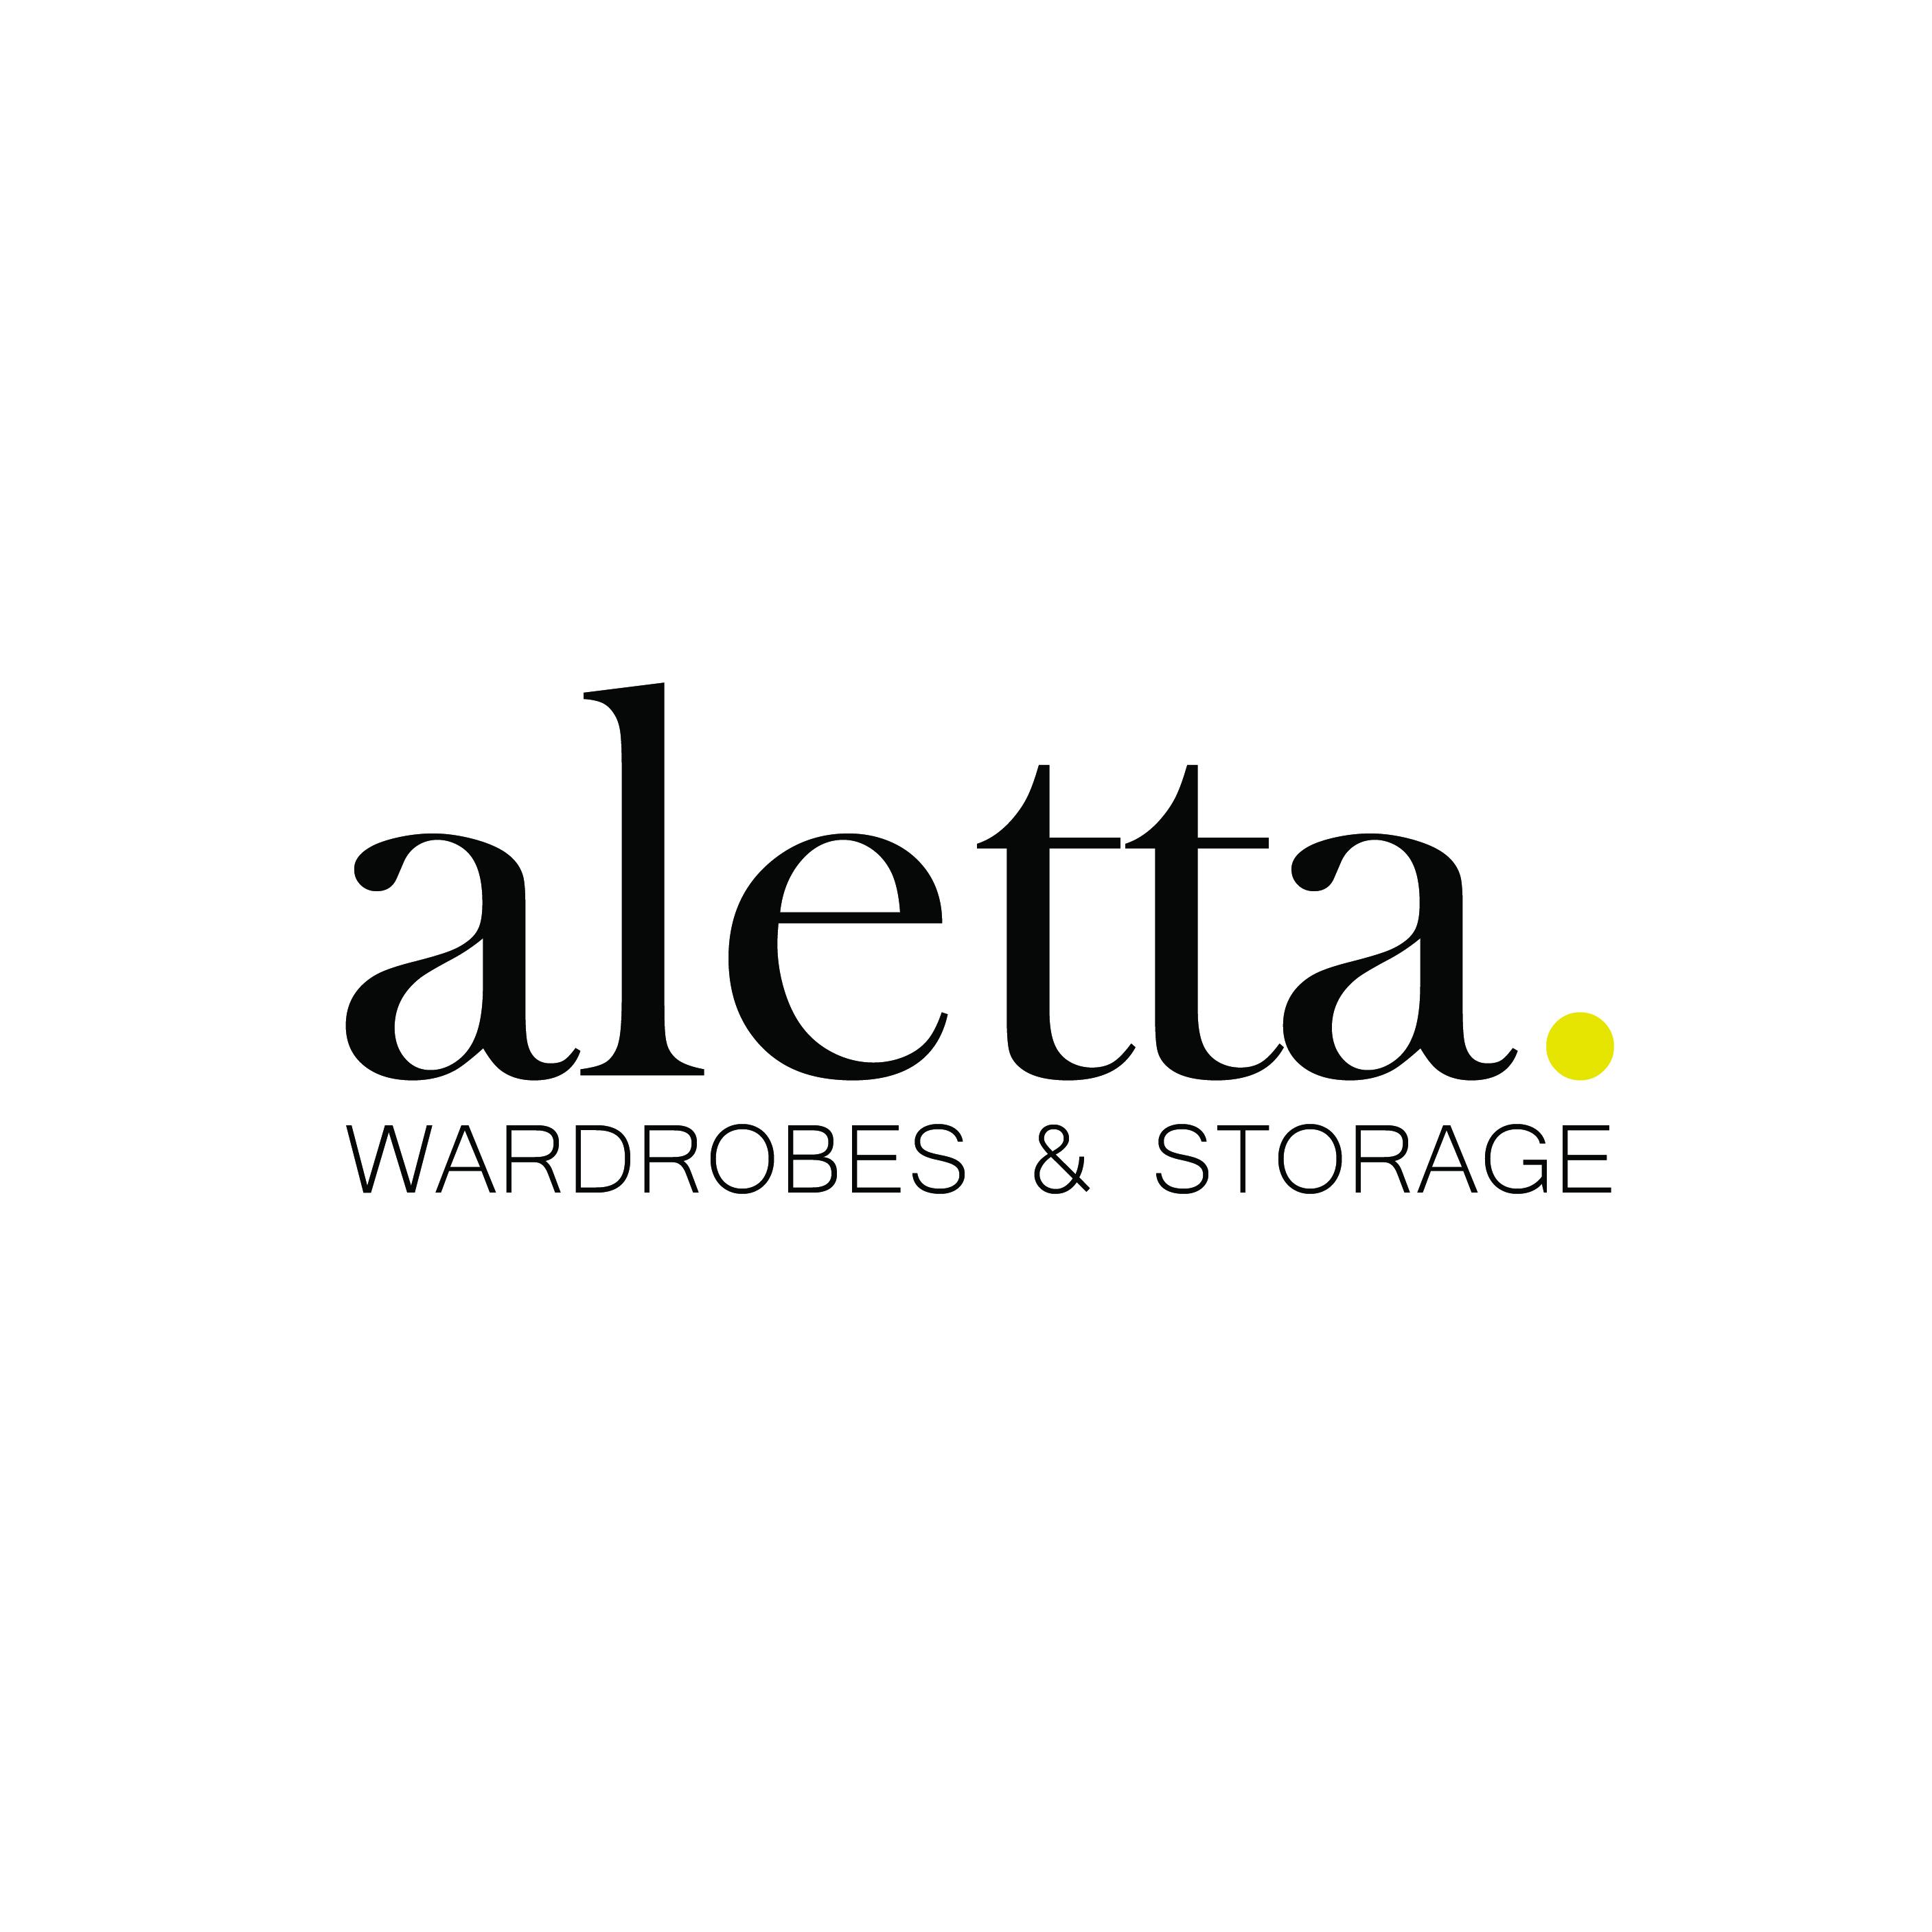 aletta wardrobes & storage